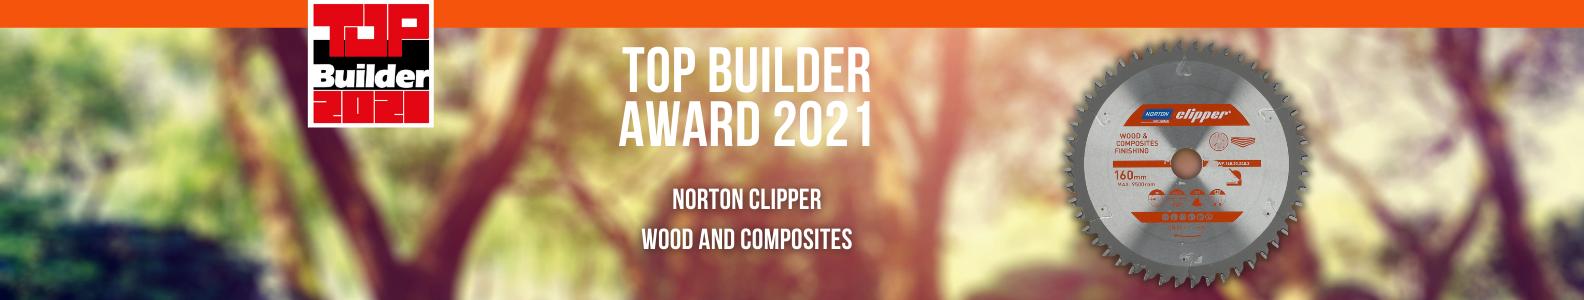 Norton Clipper Top Builder Award 2021